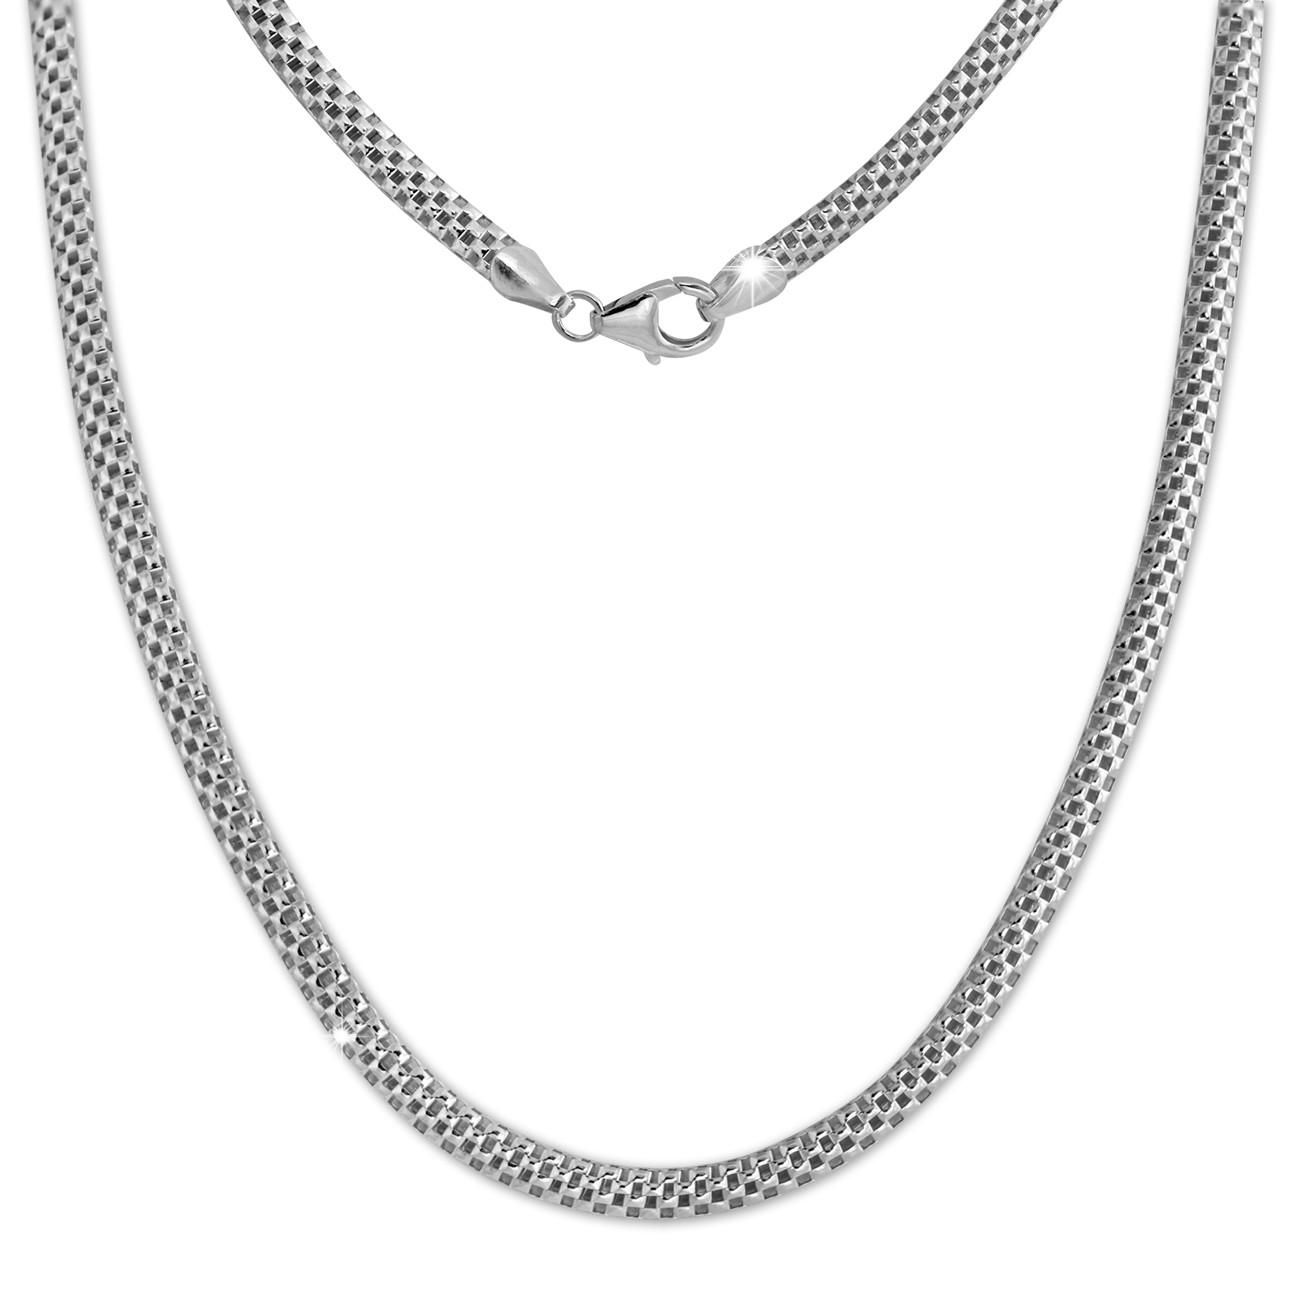 SilberDream Collier Kette Geflecht 925er Silber Damen 45cm SDK26445J